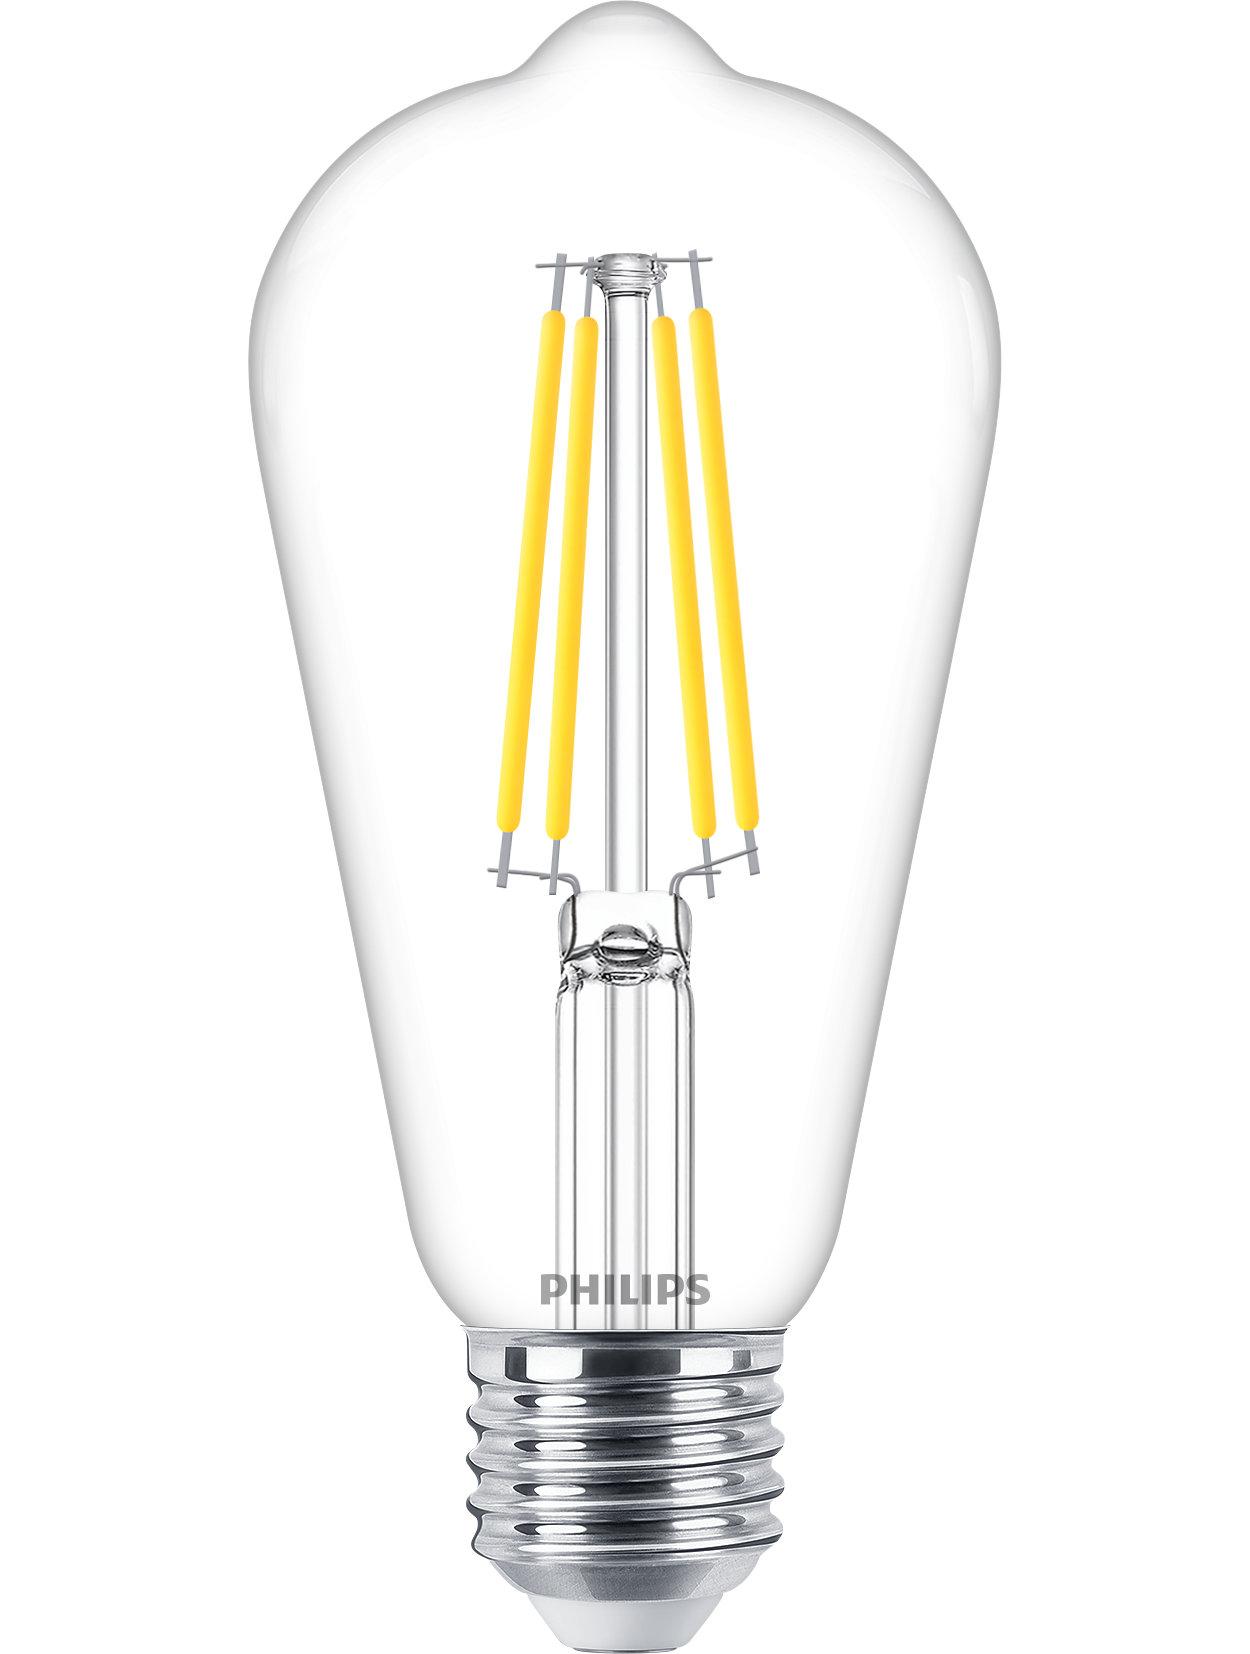 Philips Classic LED-gloeidraadlampen voor decoratieve verlichting.